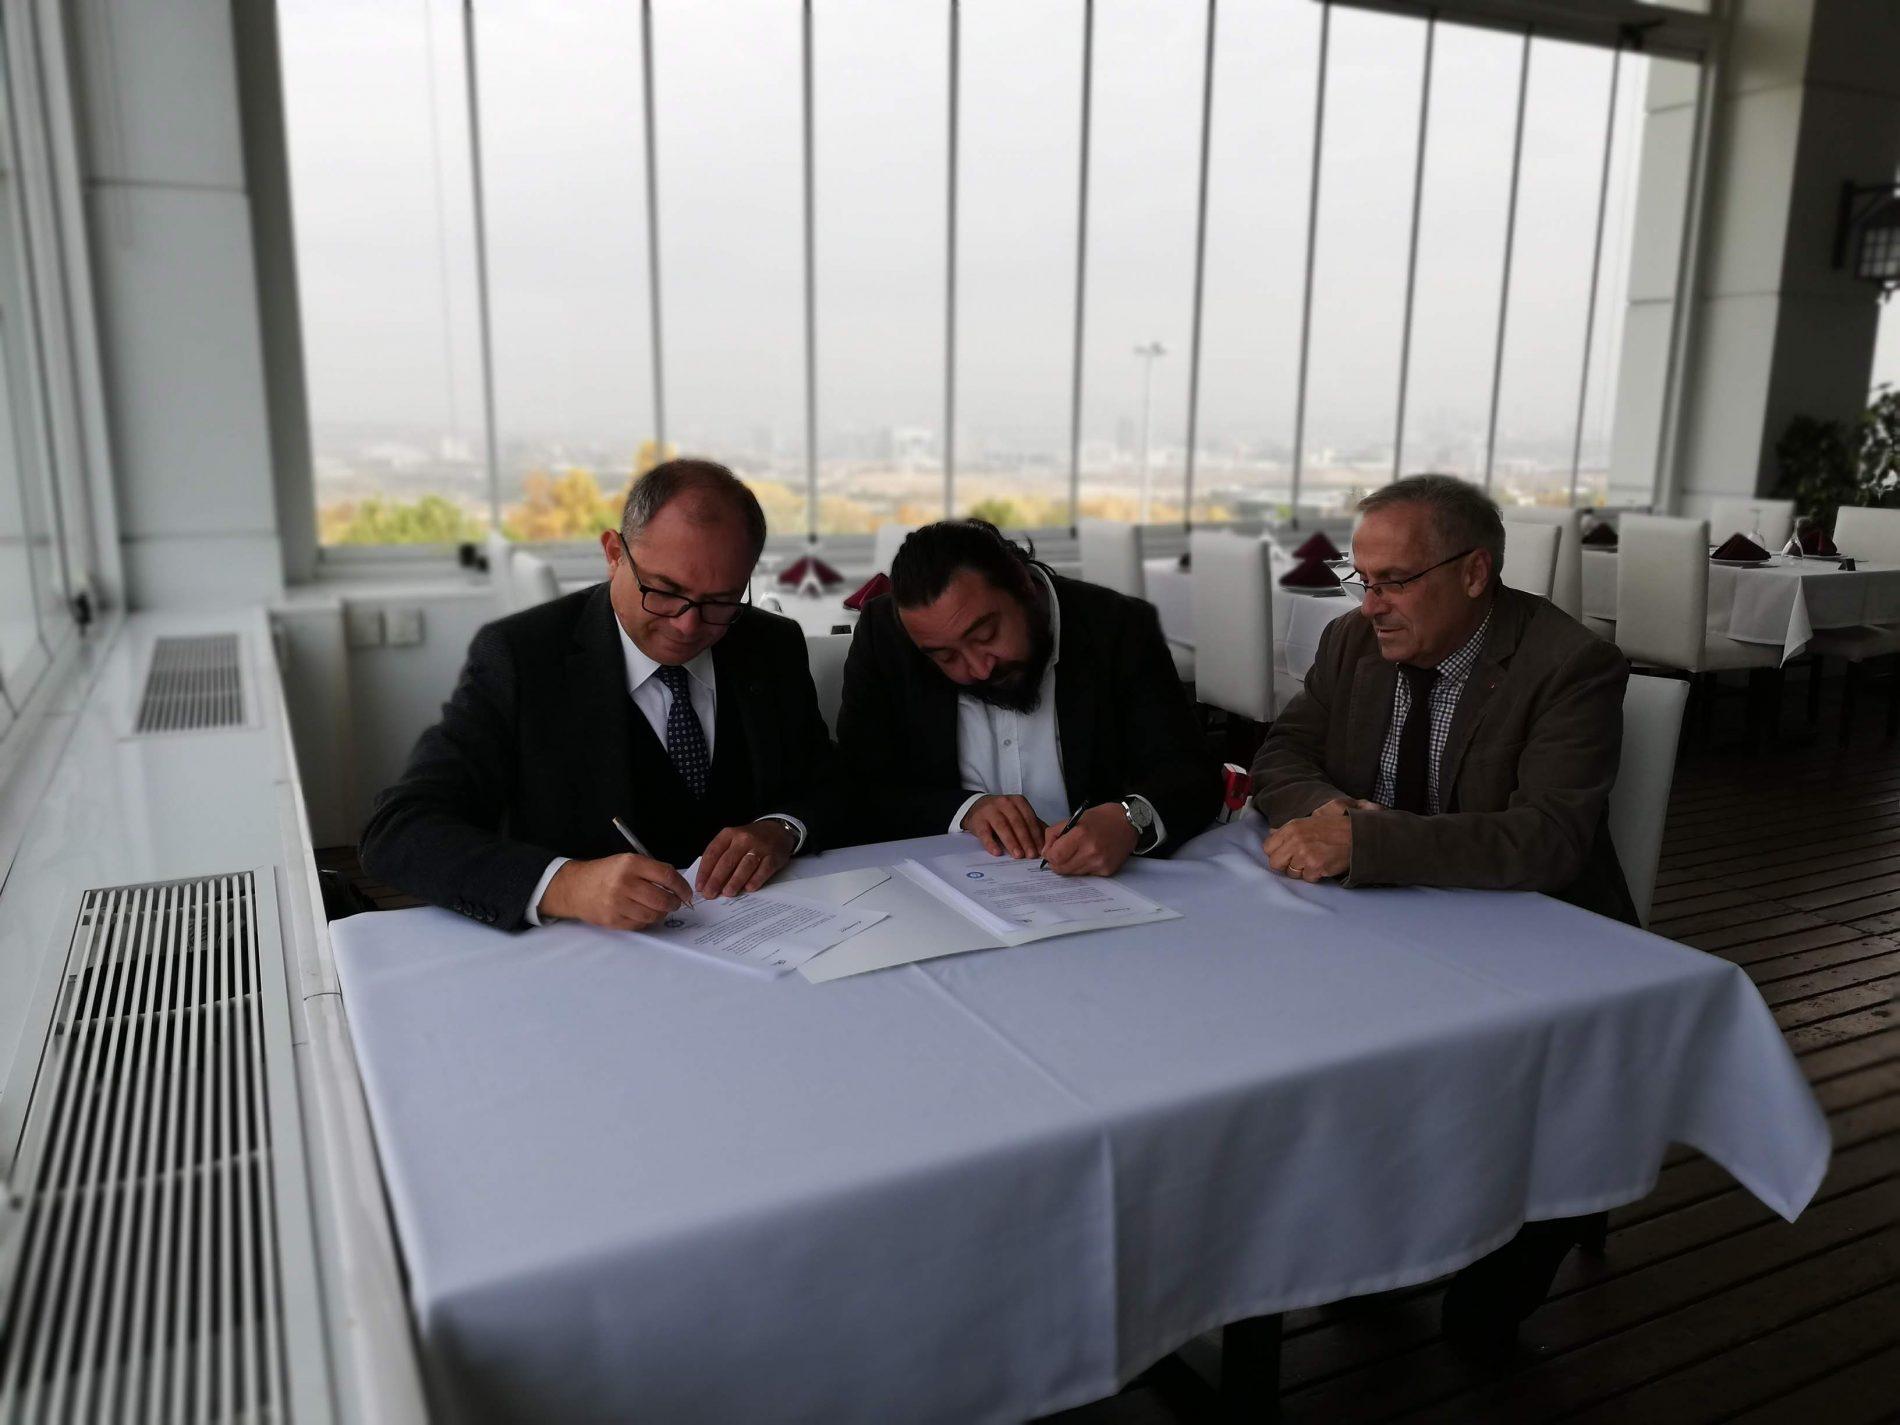 HÜMED ve K-İnovasyon İşbirliği Sözleşmesi 9 Kasım 2018 günü imzalandı